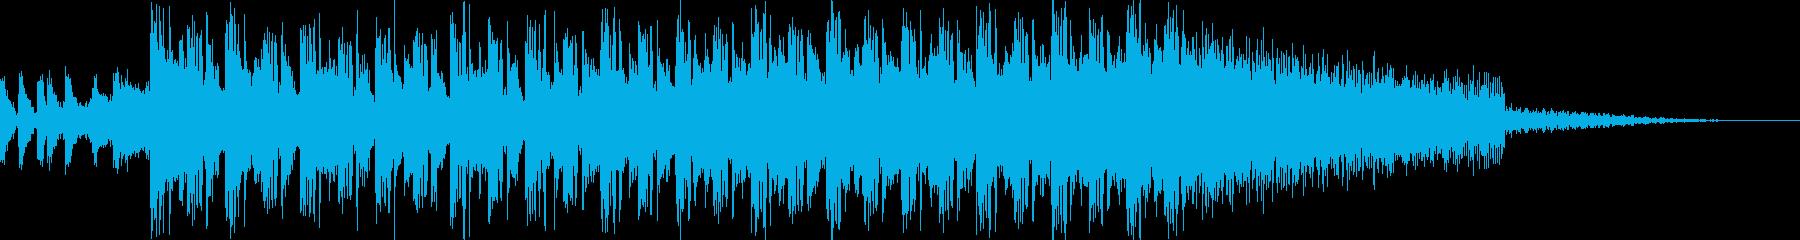 始まりを感じる明るいEDMサウンド22秒の再生済みの波形